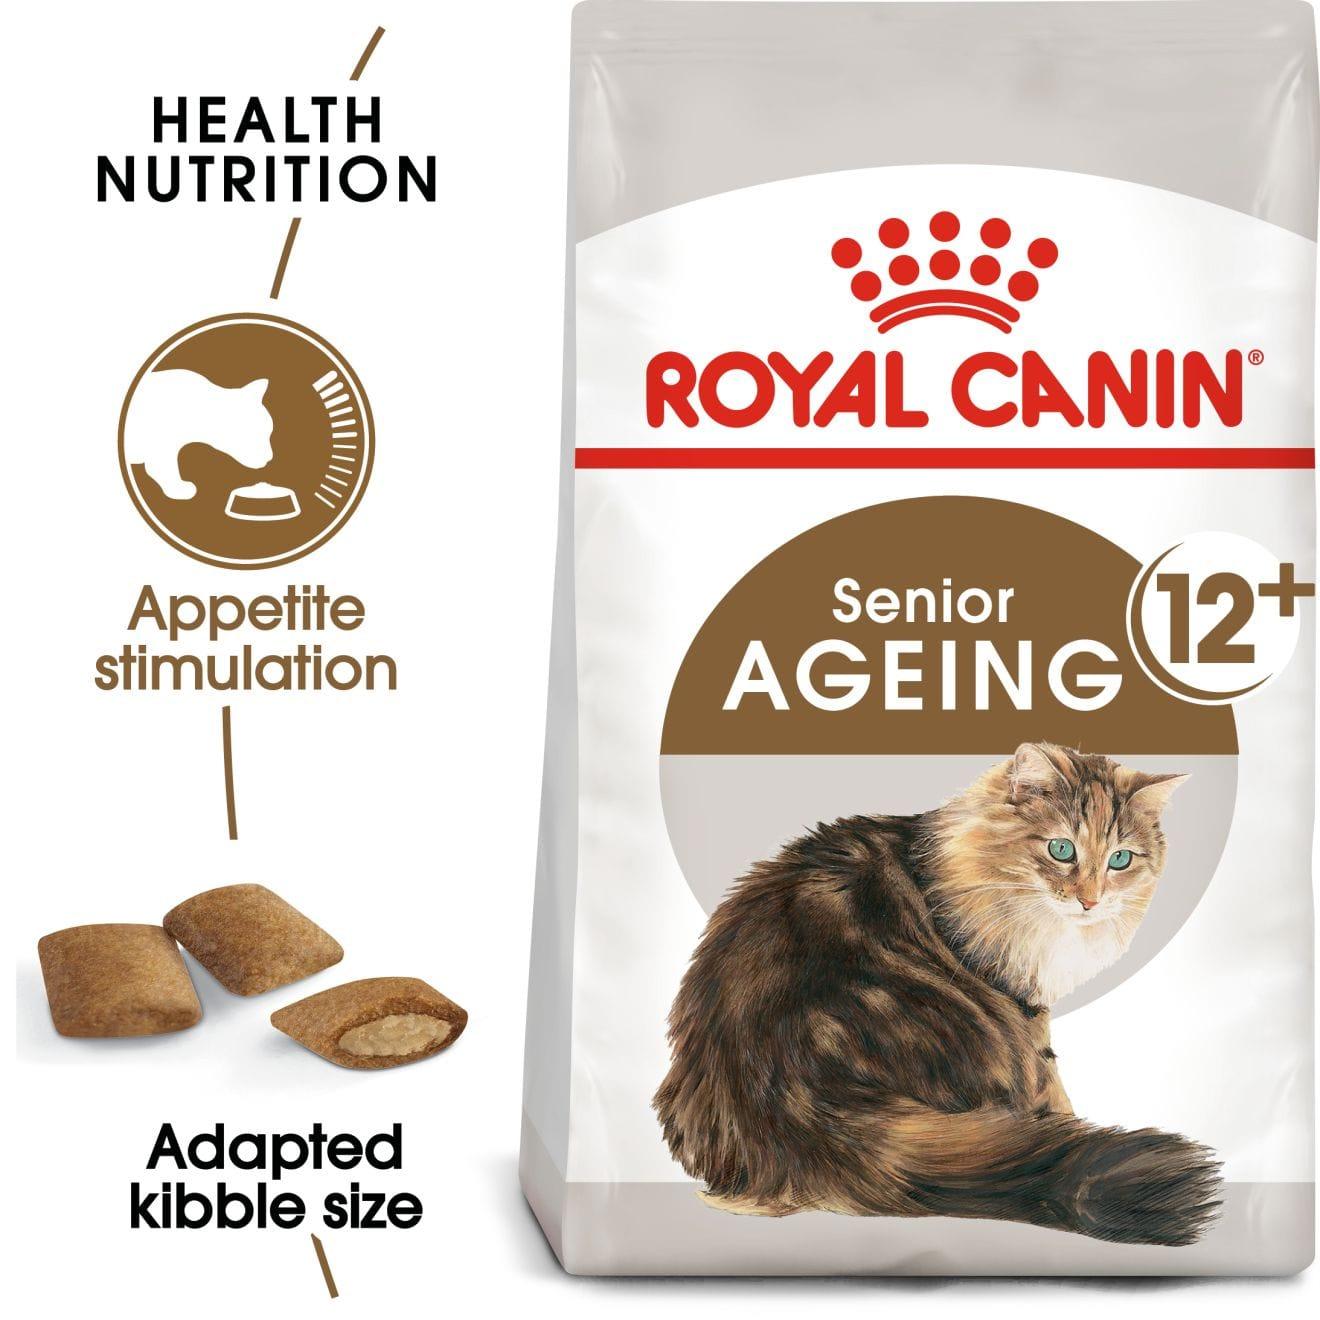 royal canin katzen hundefutter und veterinary diet. Black Bedroom Furniture Sets. Home Design Ideas